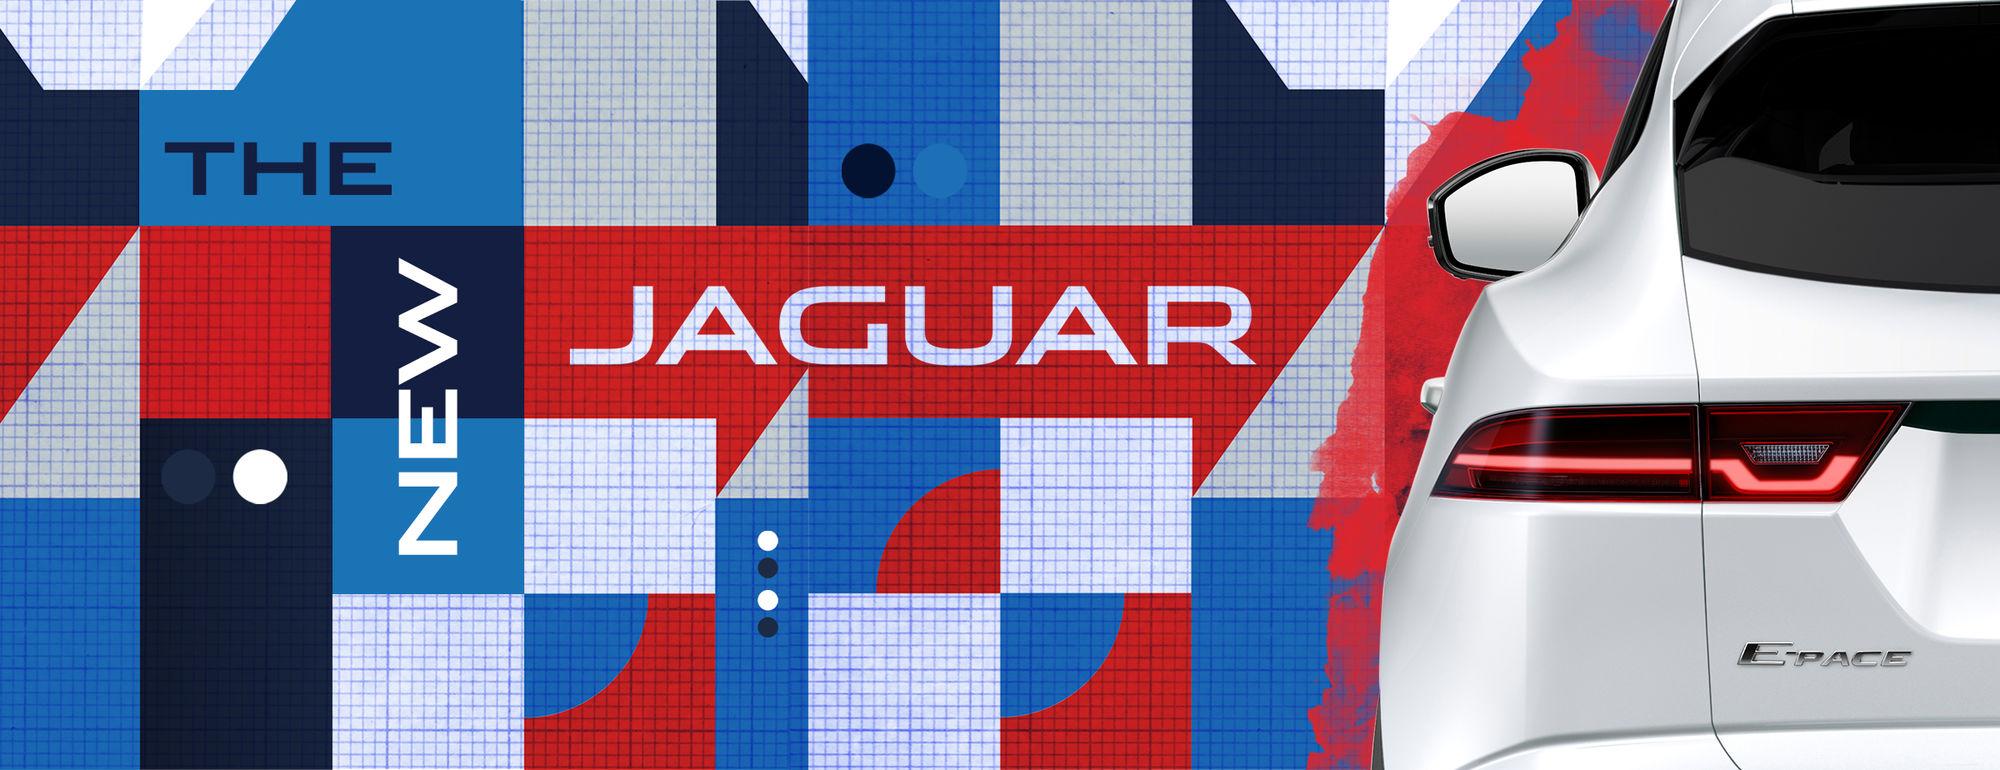 JAGUAR E-PACE: абсолютно новий компактний кросовер від Jaguar - офіційний представник Winner в Україні